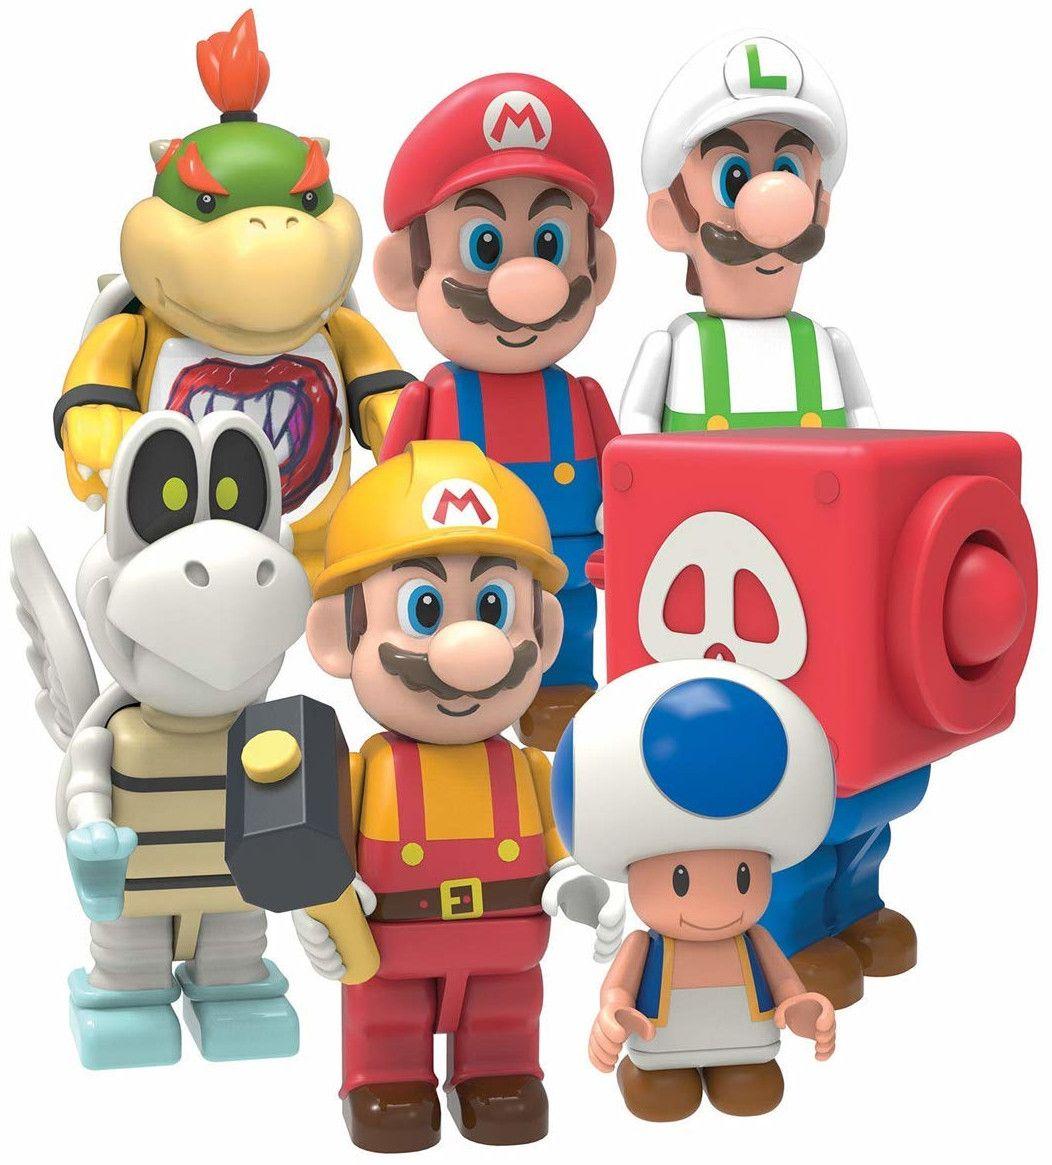 Фигурка-изненада Knex Nintendo Super Mario - Серия 9, асортимент - 2